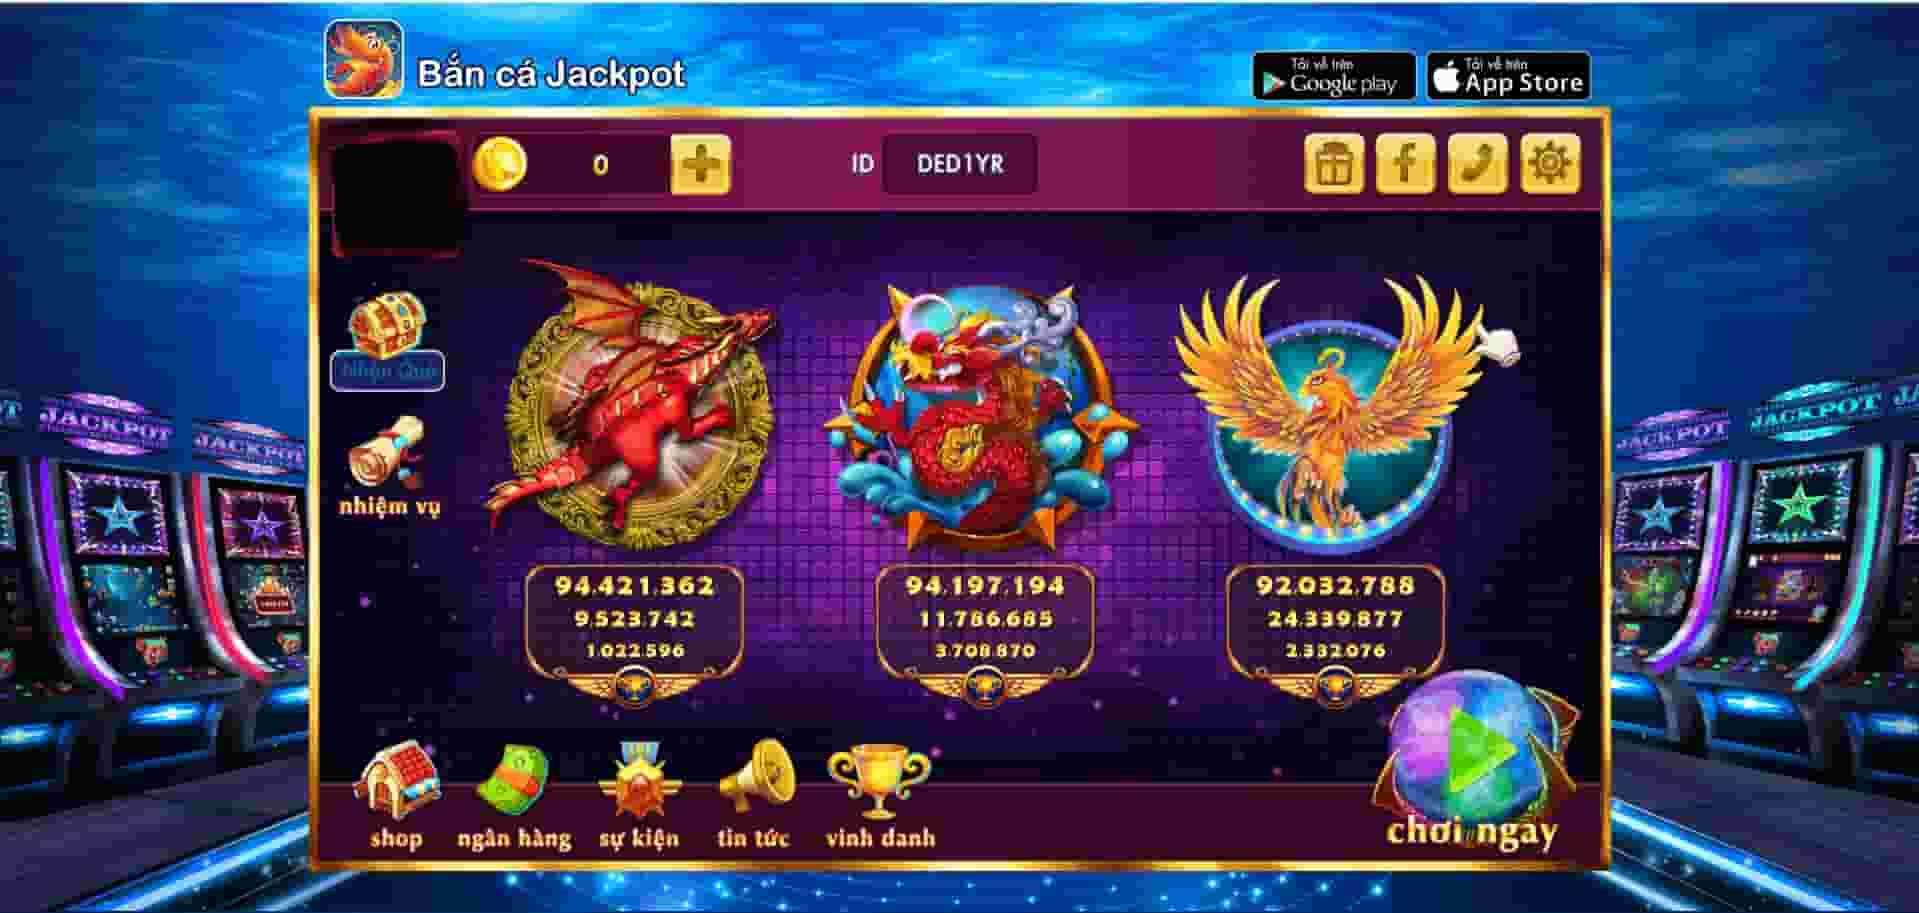 Các thể loại game đa dạng tại Bắn cá Jackpot